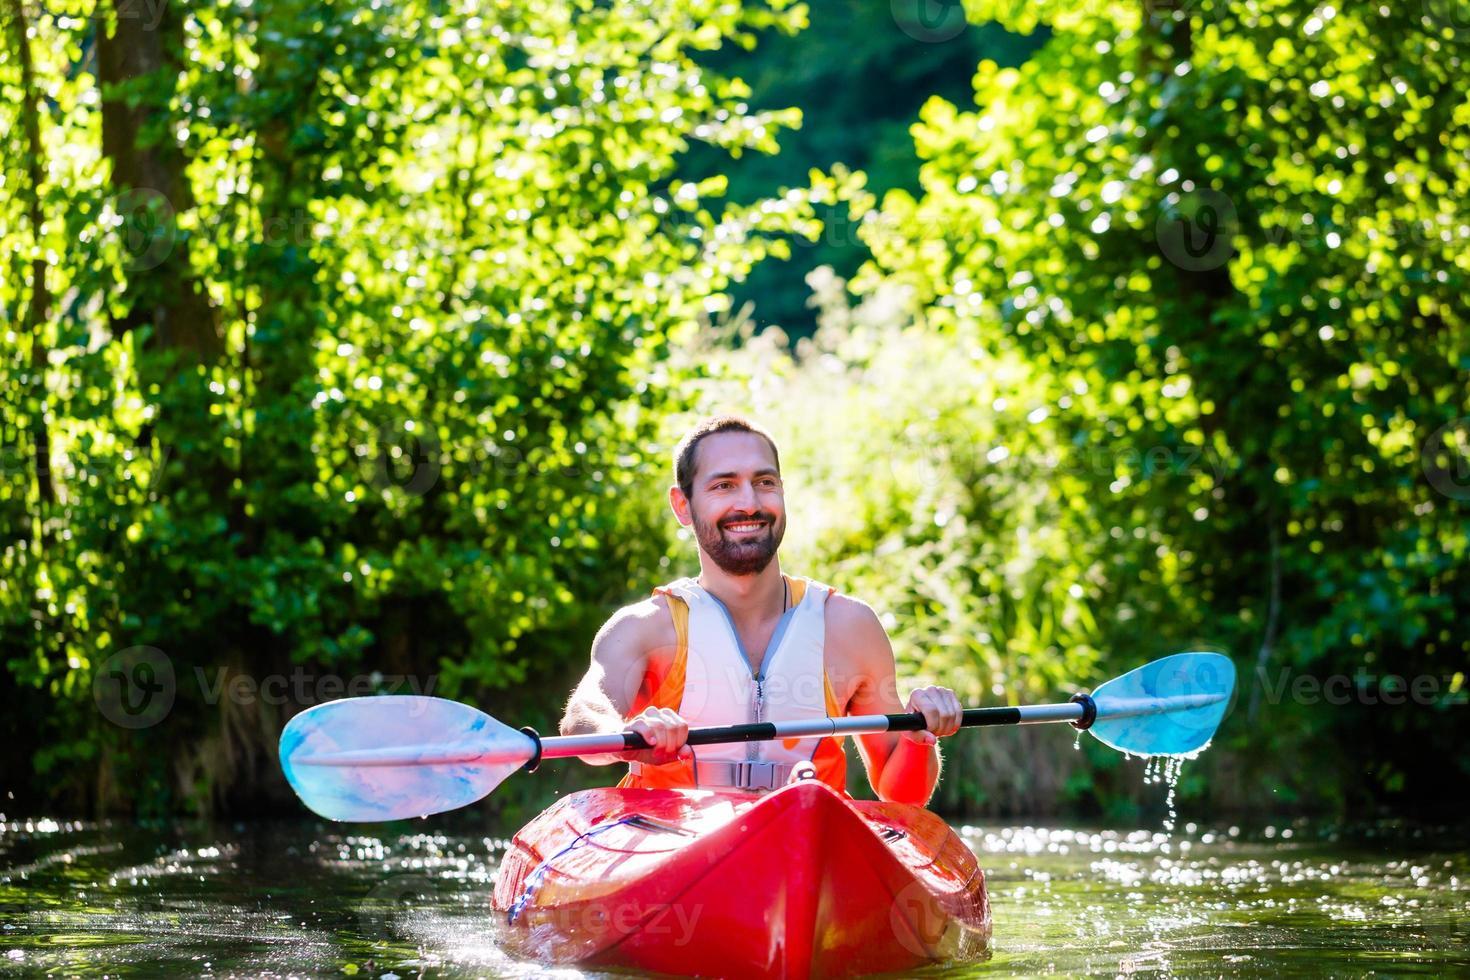 Mann, der mit Kajak auf Fluss für Wassersport paddelt foto